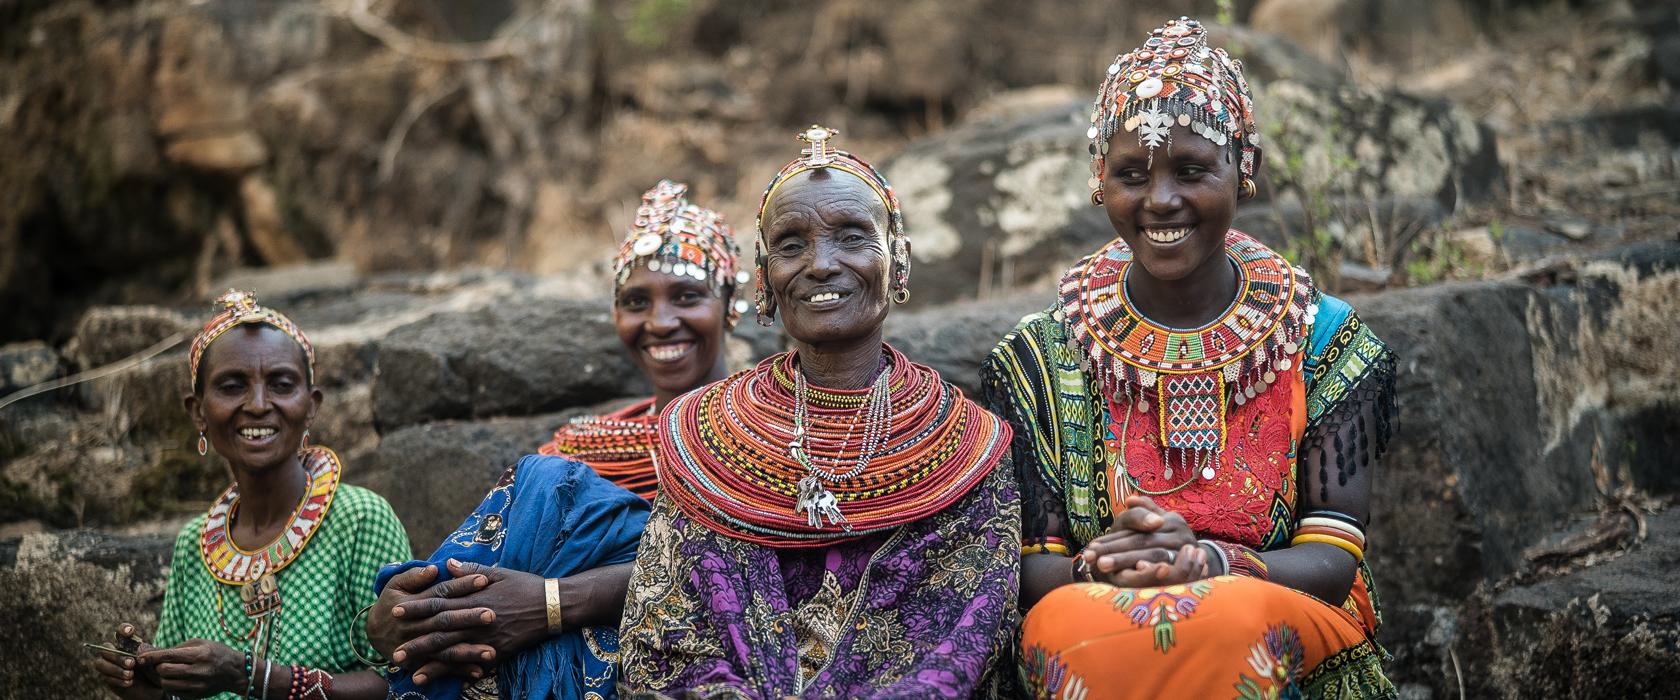 © Nyasha Kadandara / AFD